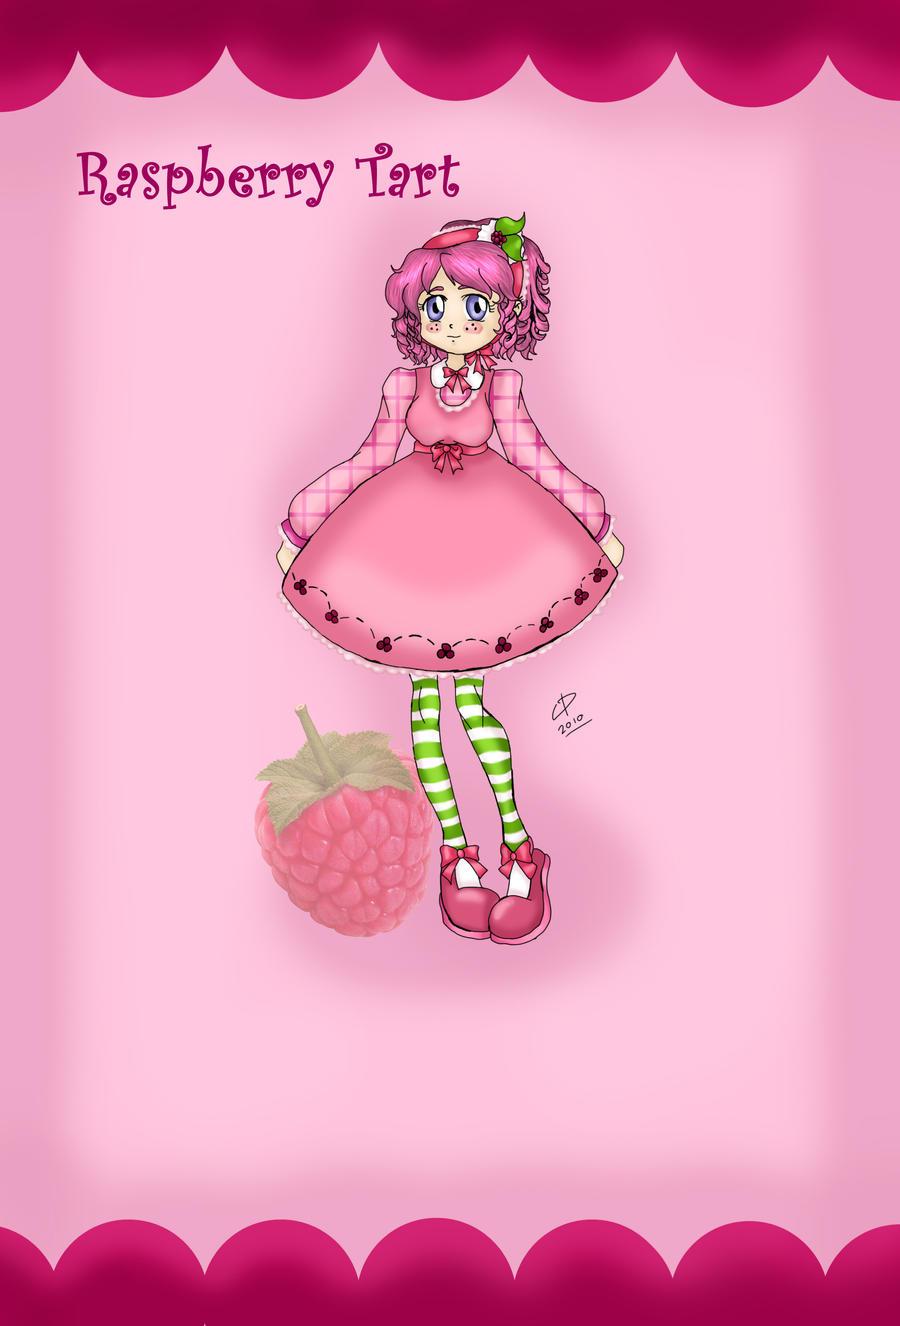 Raspberry Tart by Hotaru-oz